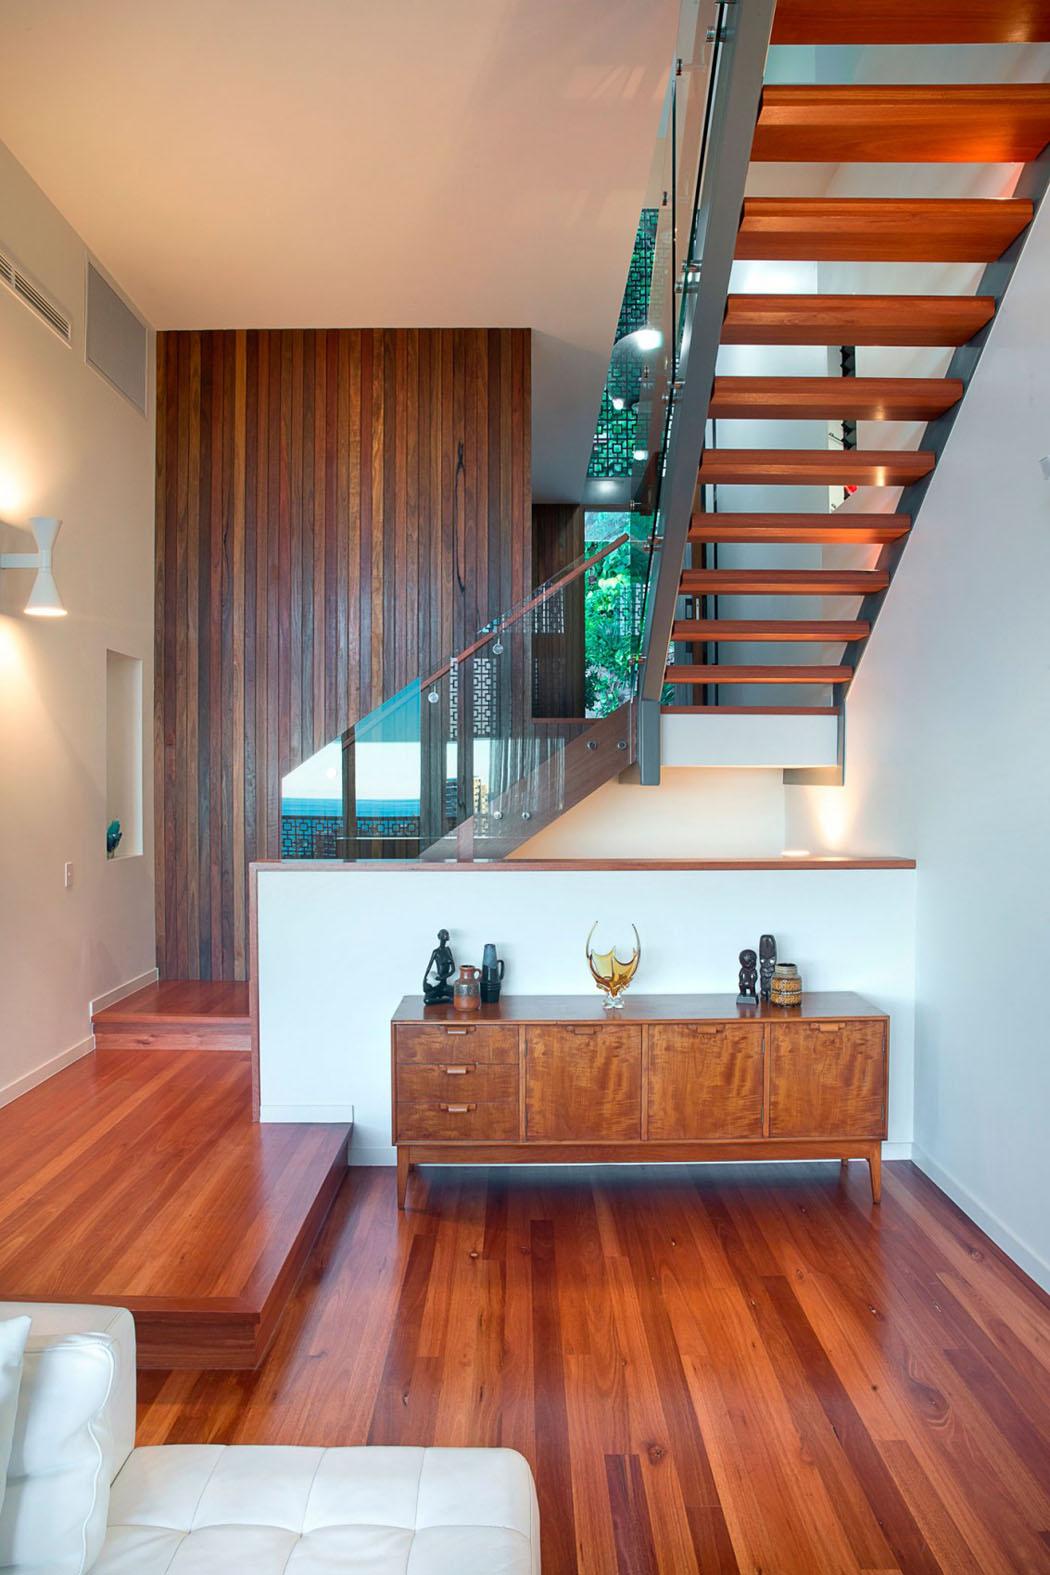 Jolie maison r nov e avec belle vue sur la ville queensland australie v - Parquet en bois exotique ...